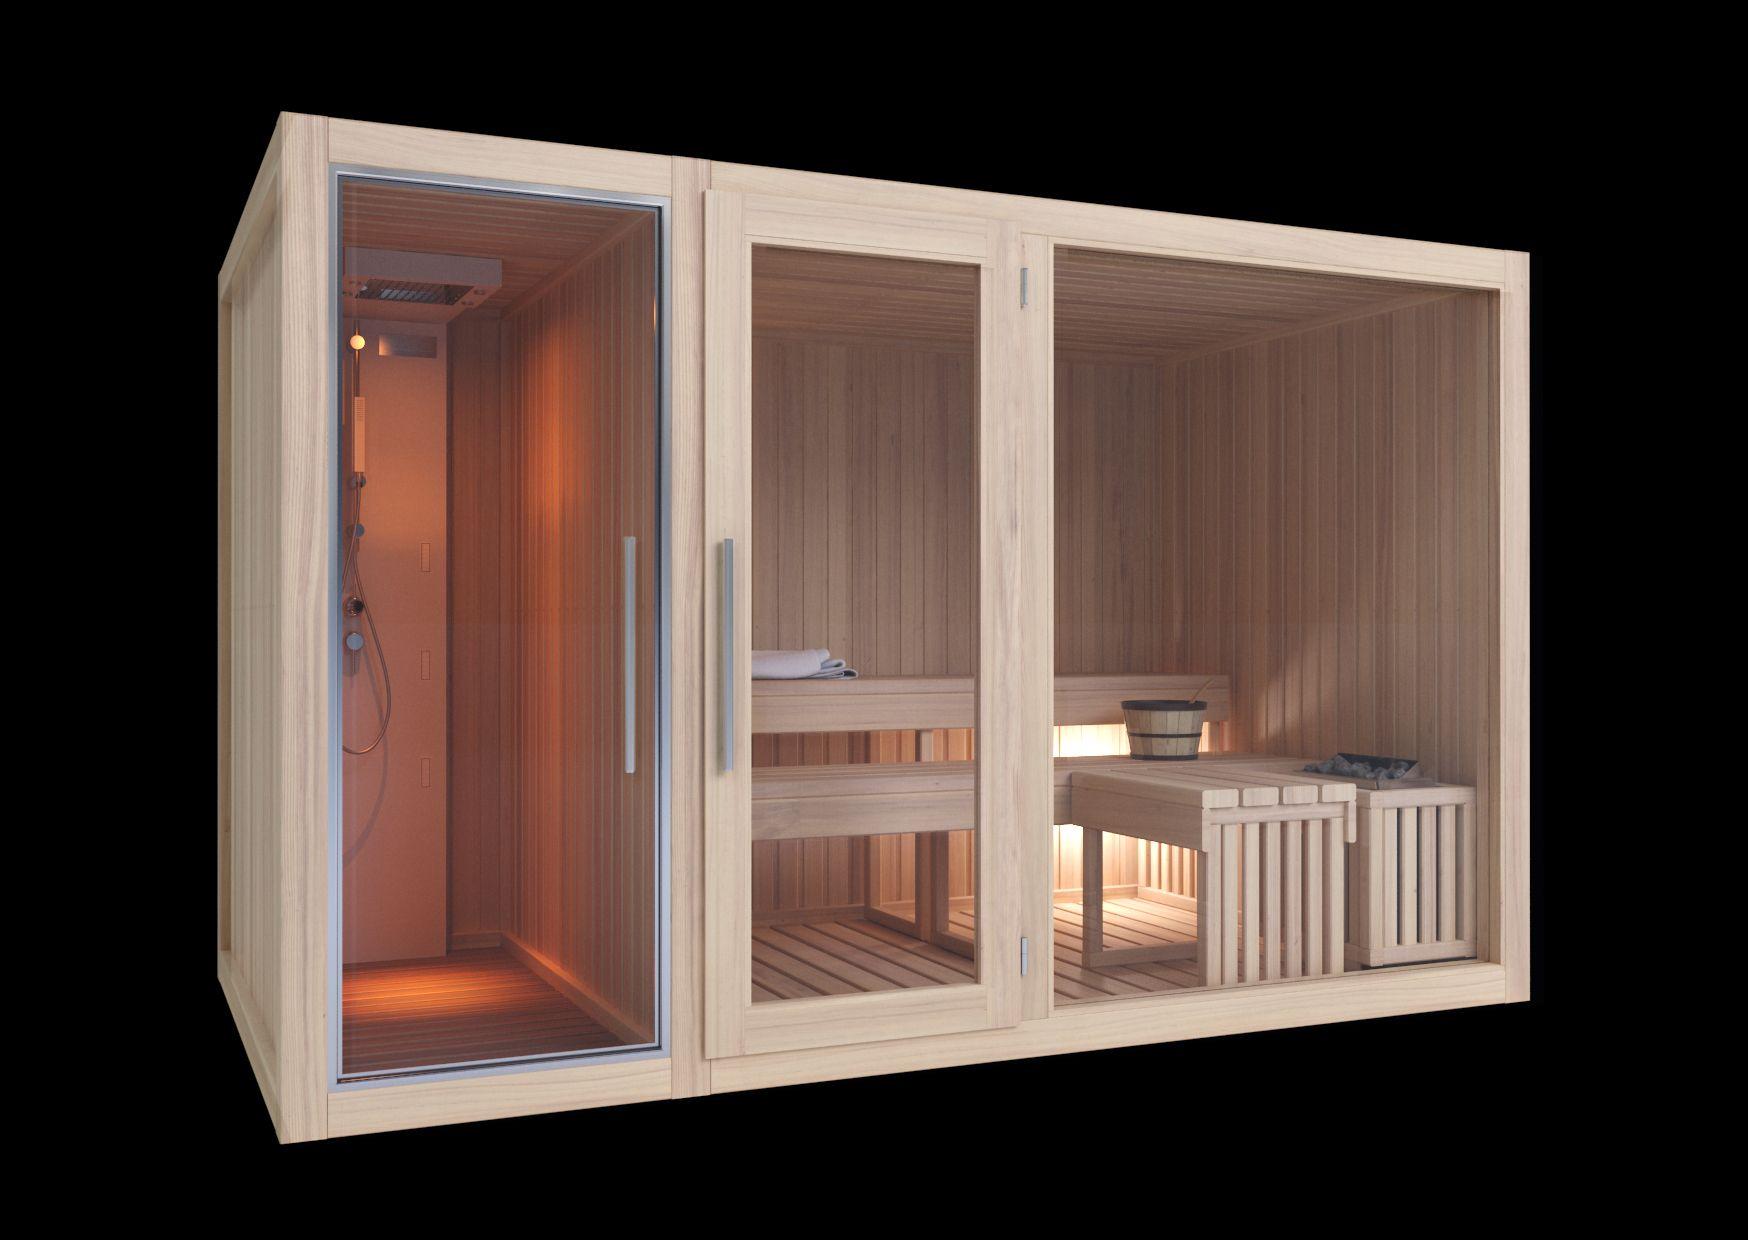 Modelli sauna finlandese e sauna con bagno turco hammam in kit di montaggio  taverna